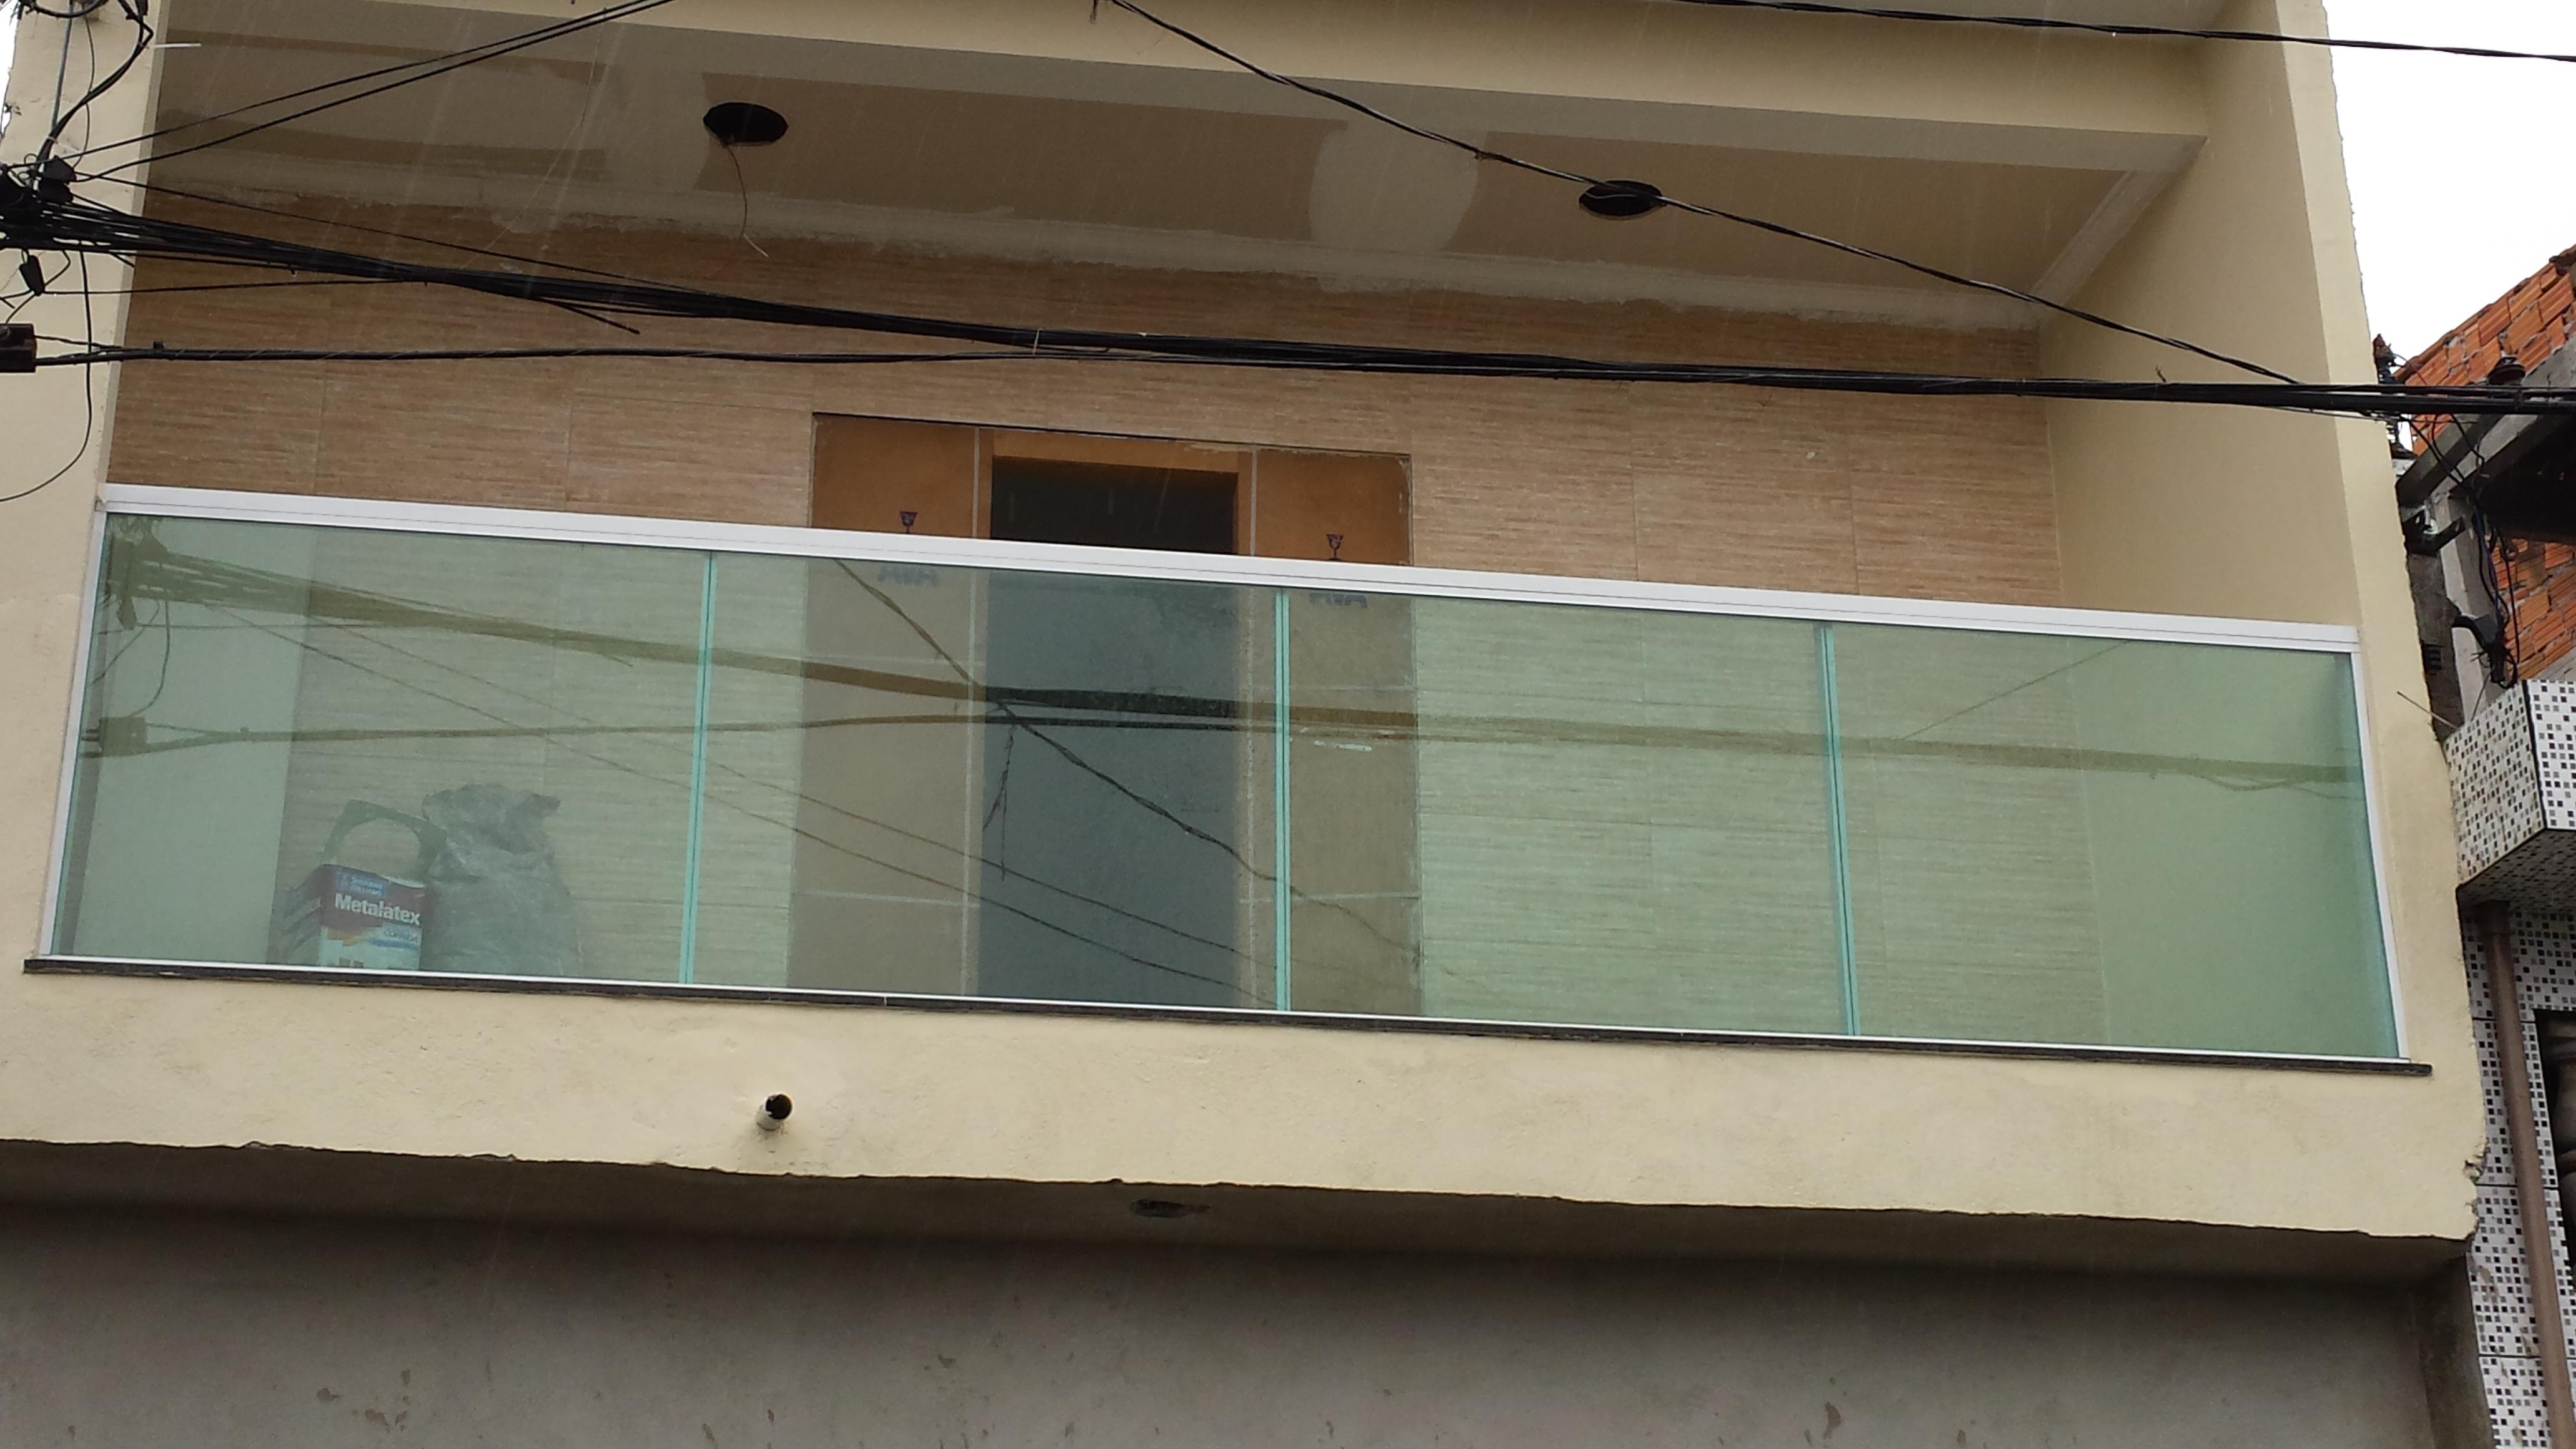 Imagens de #5F4C38 RC VIDRAÇARIA BOX VIDRO ZONA LESTE SP 4128x2322 px 3192 Box Acrilico Para Banheiro Sp Zona Oeste